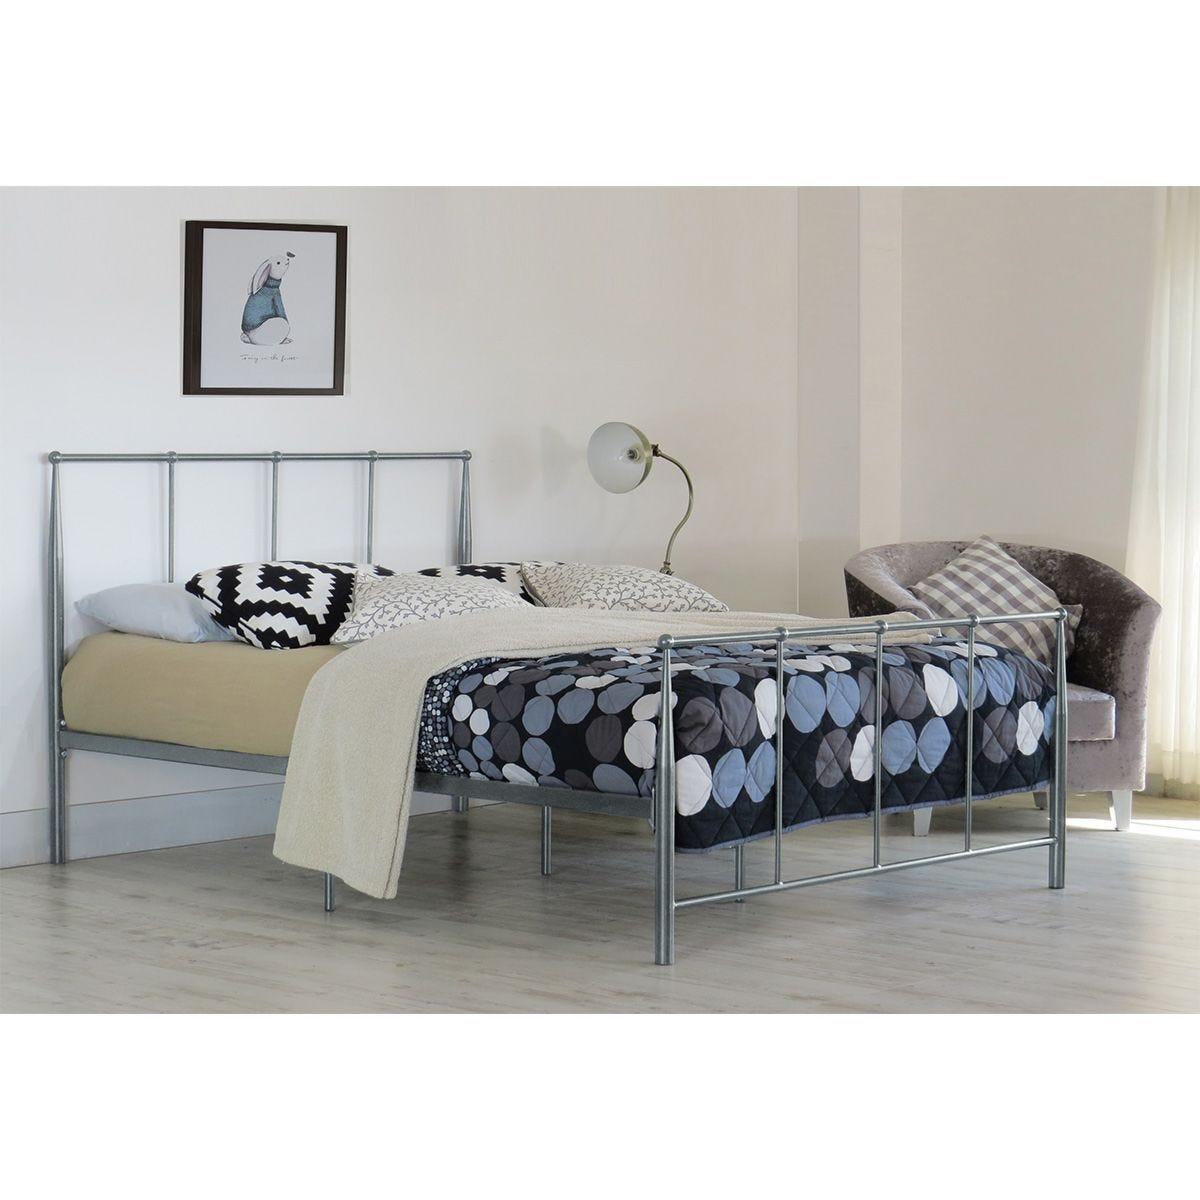 Brava Single Bed Frame - Silver